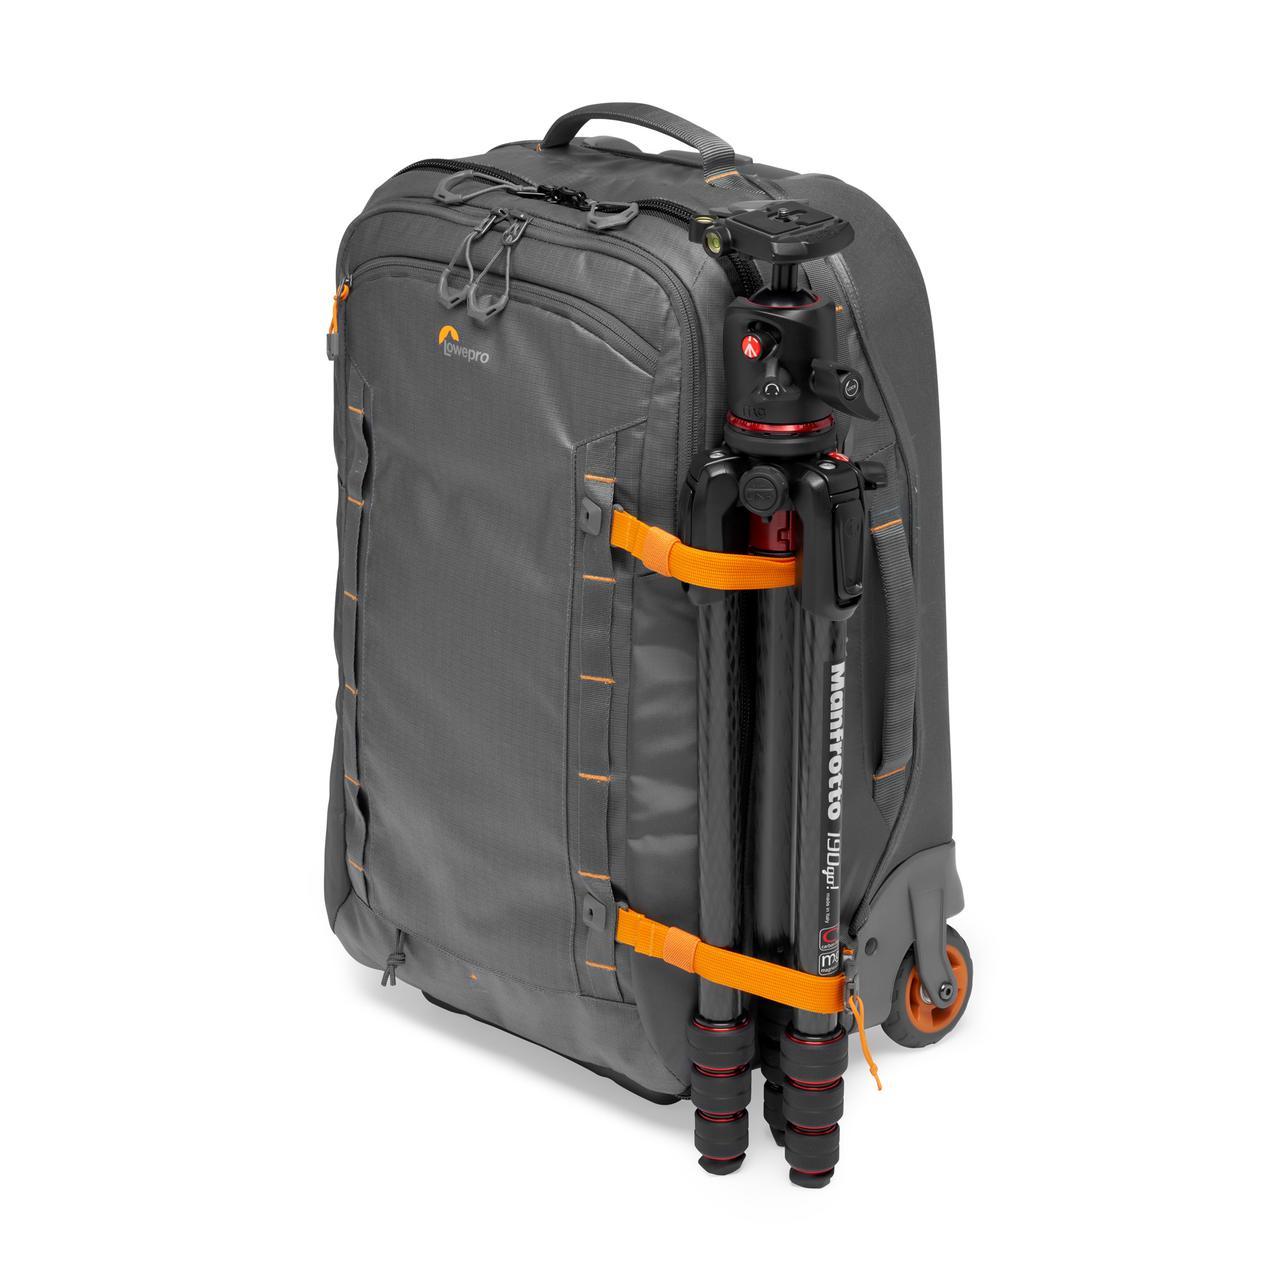 画像4: プロフォトグラファー向けバッグ。機内持ち込み可能サイズで便利!